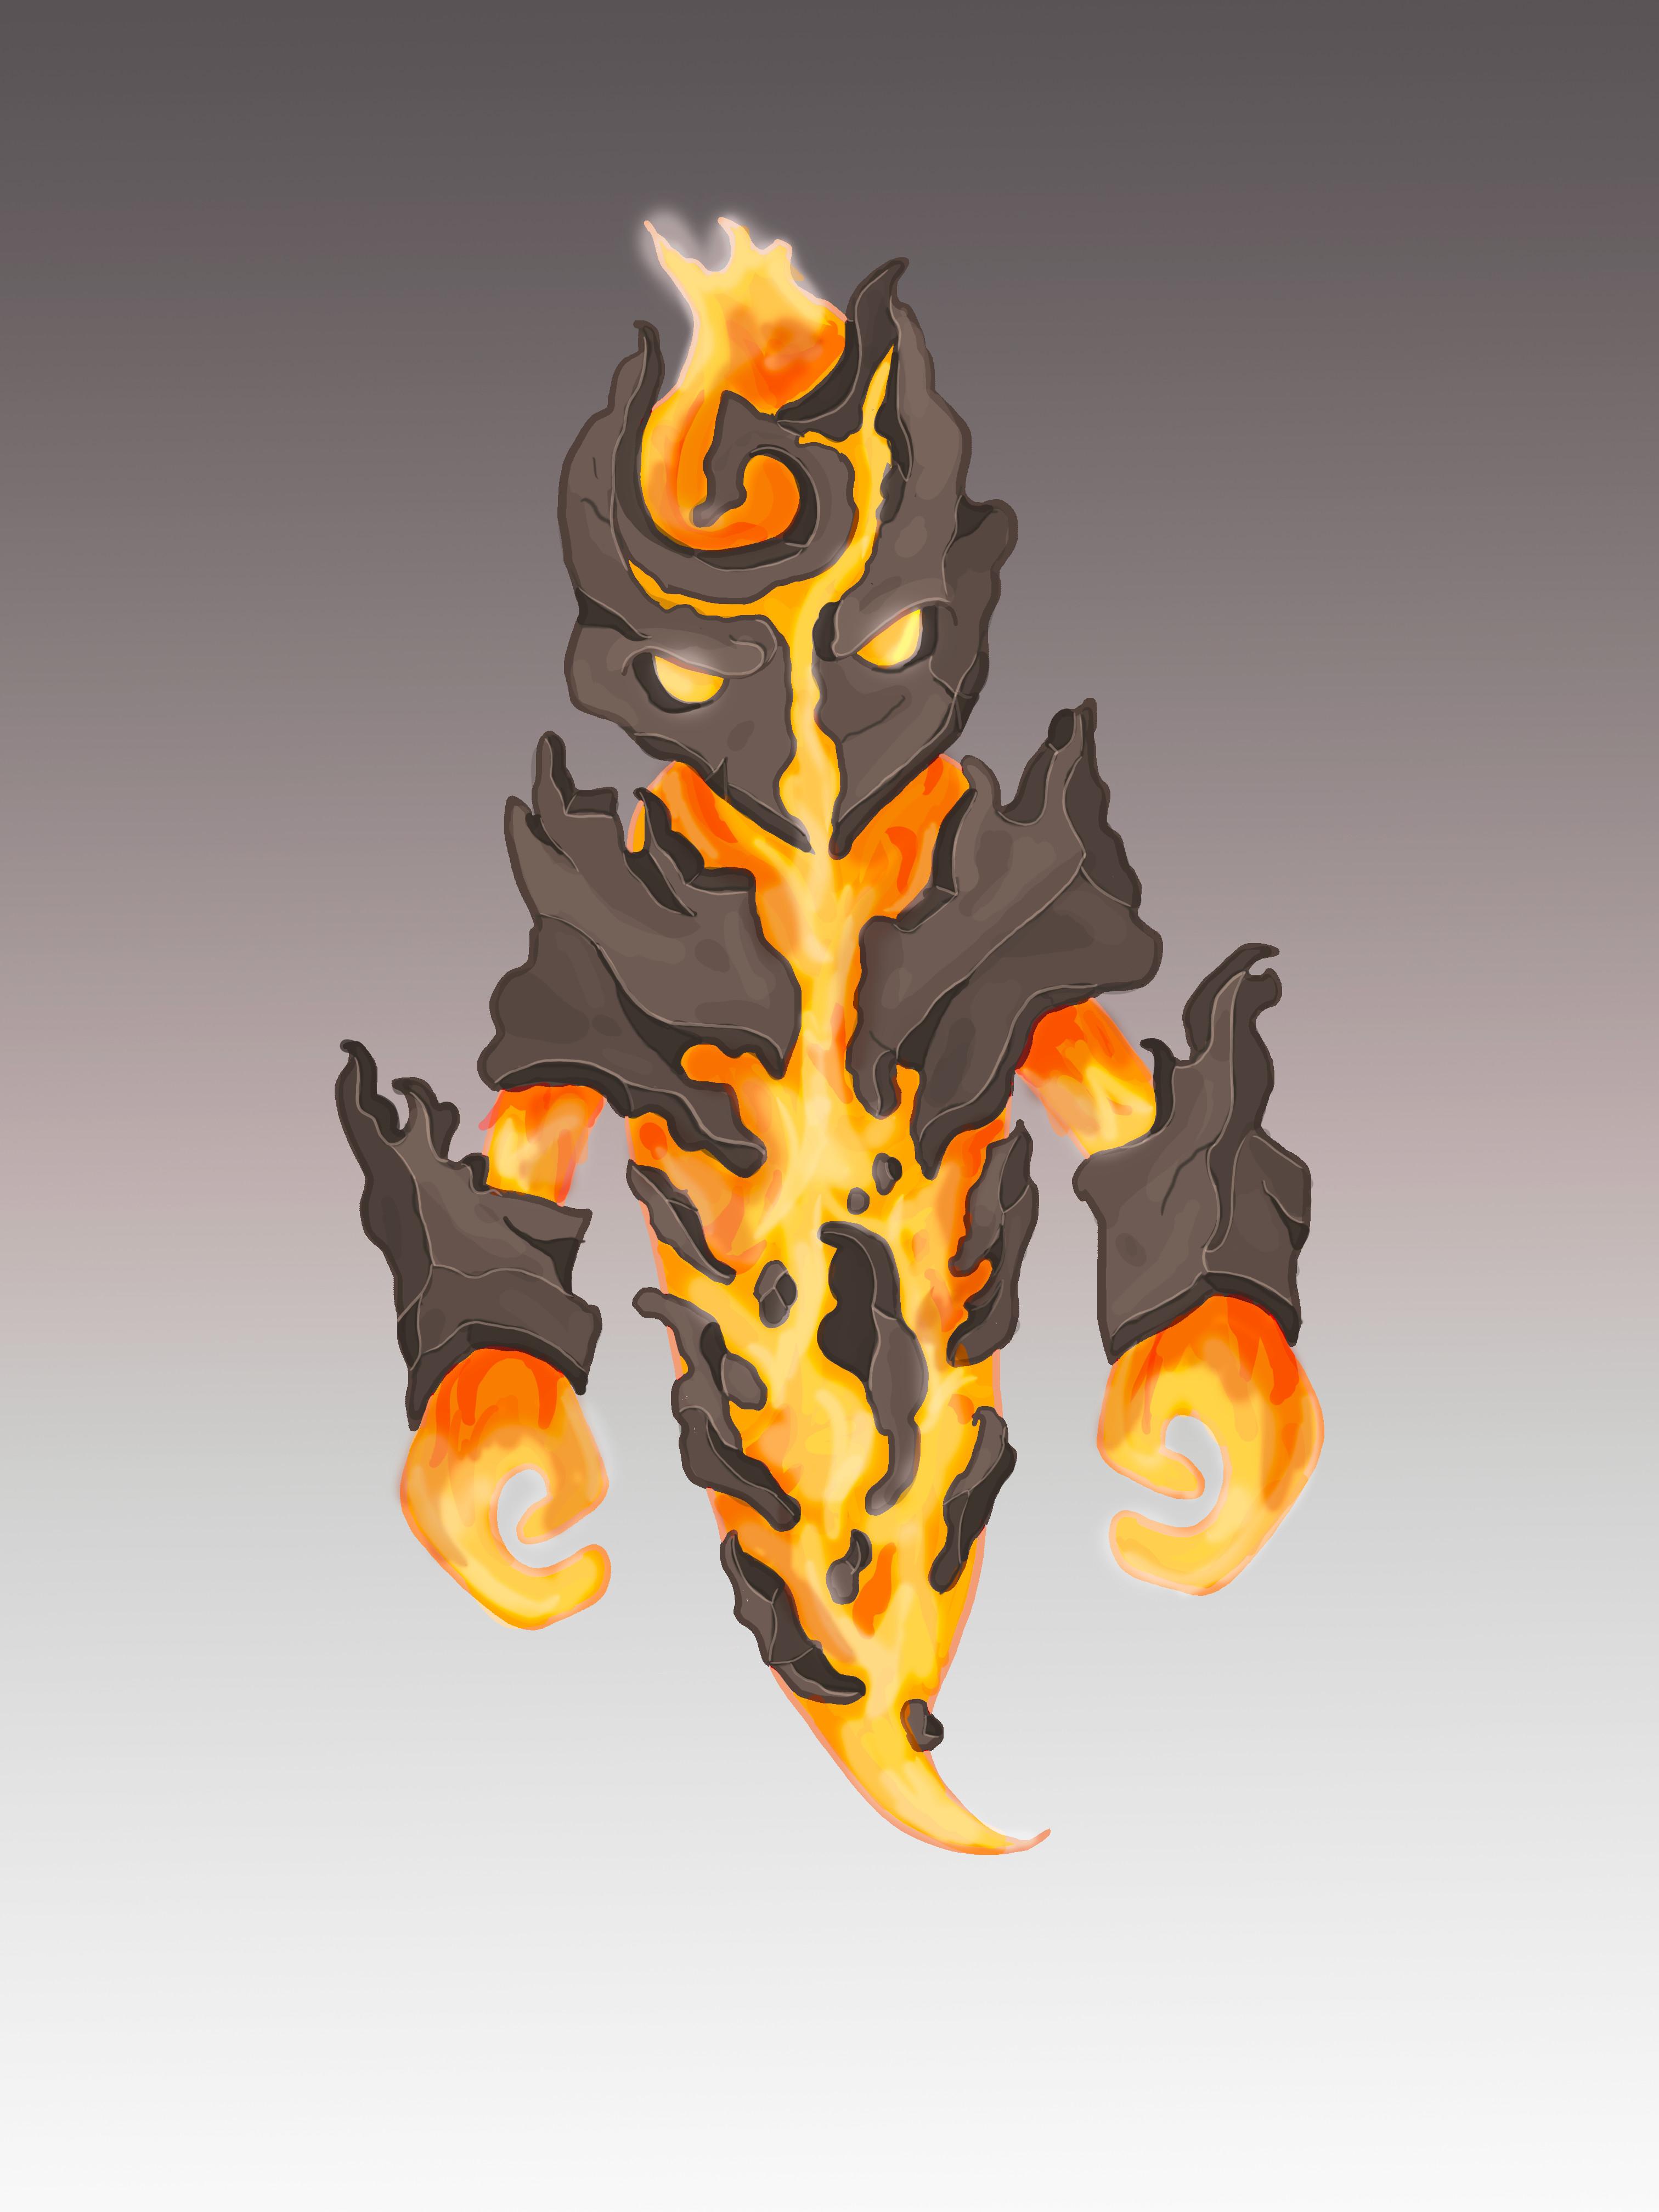 Original Blaze concept art